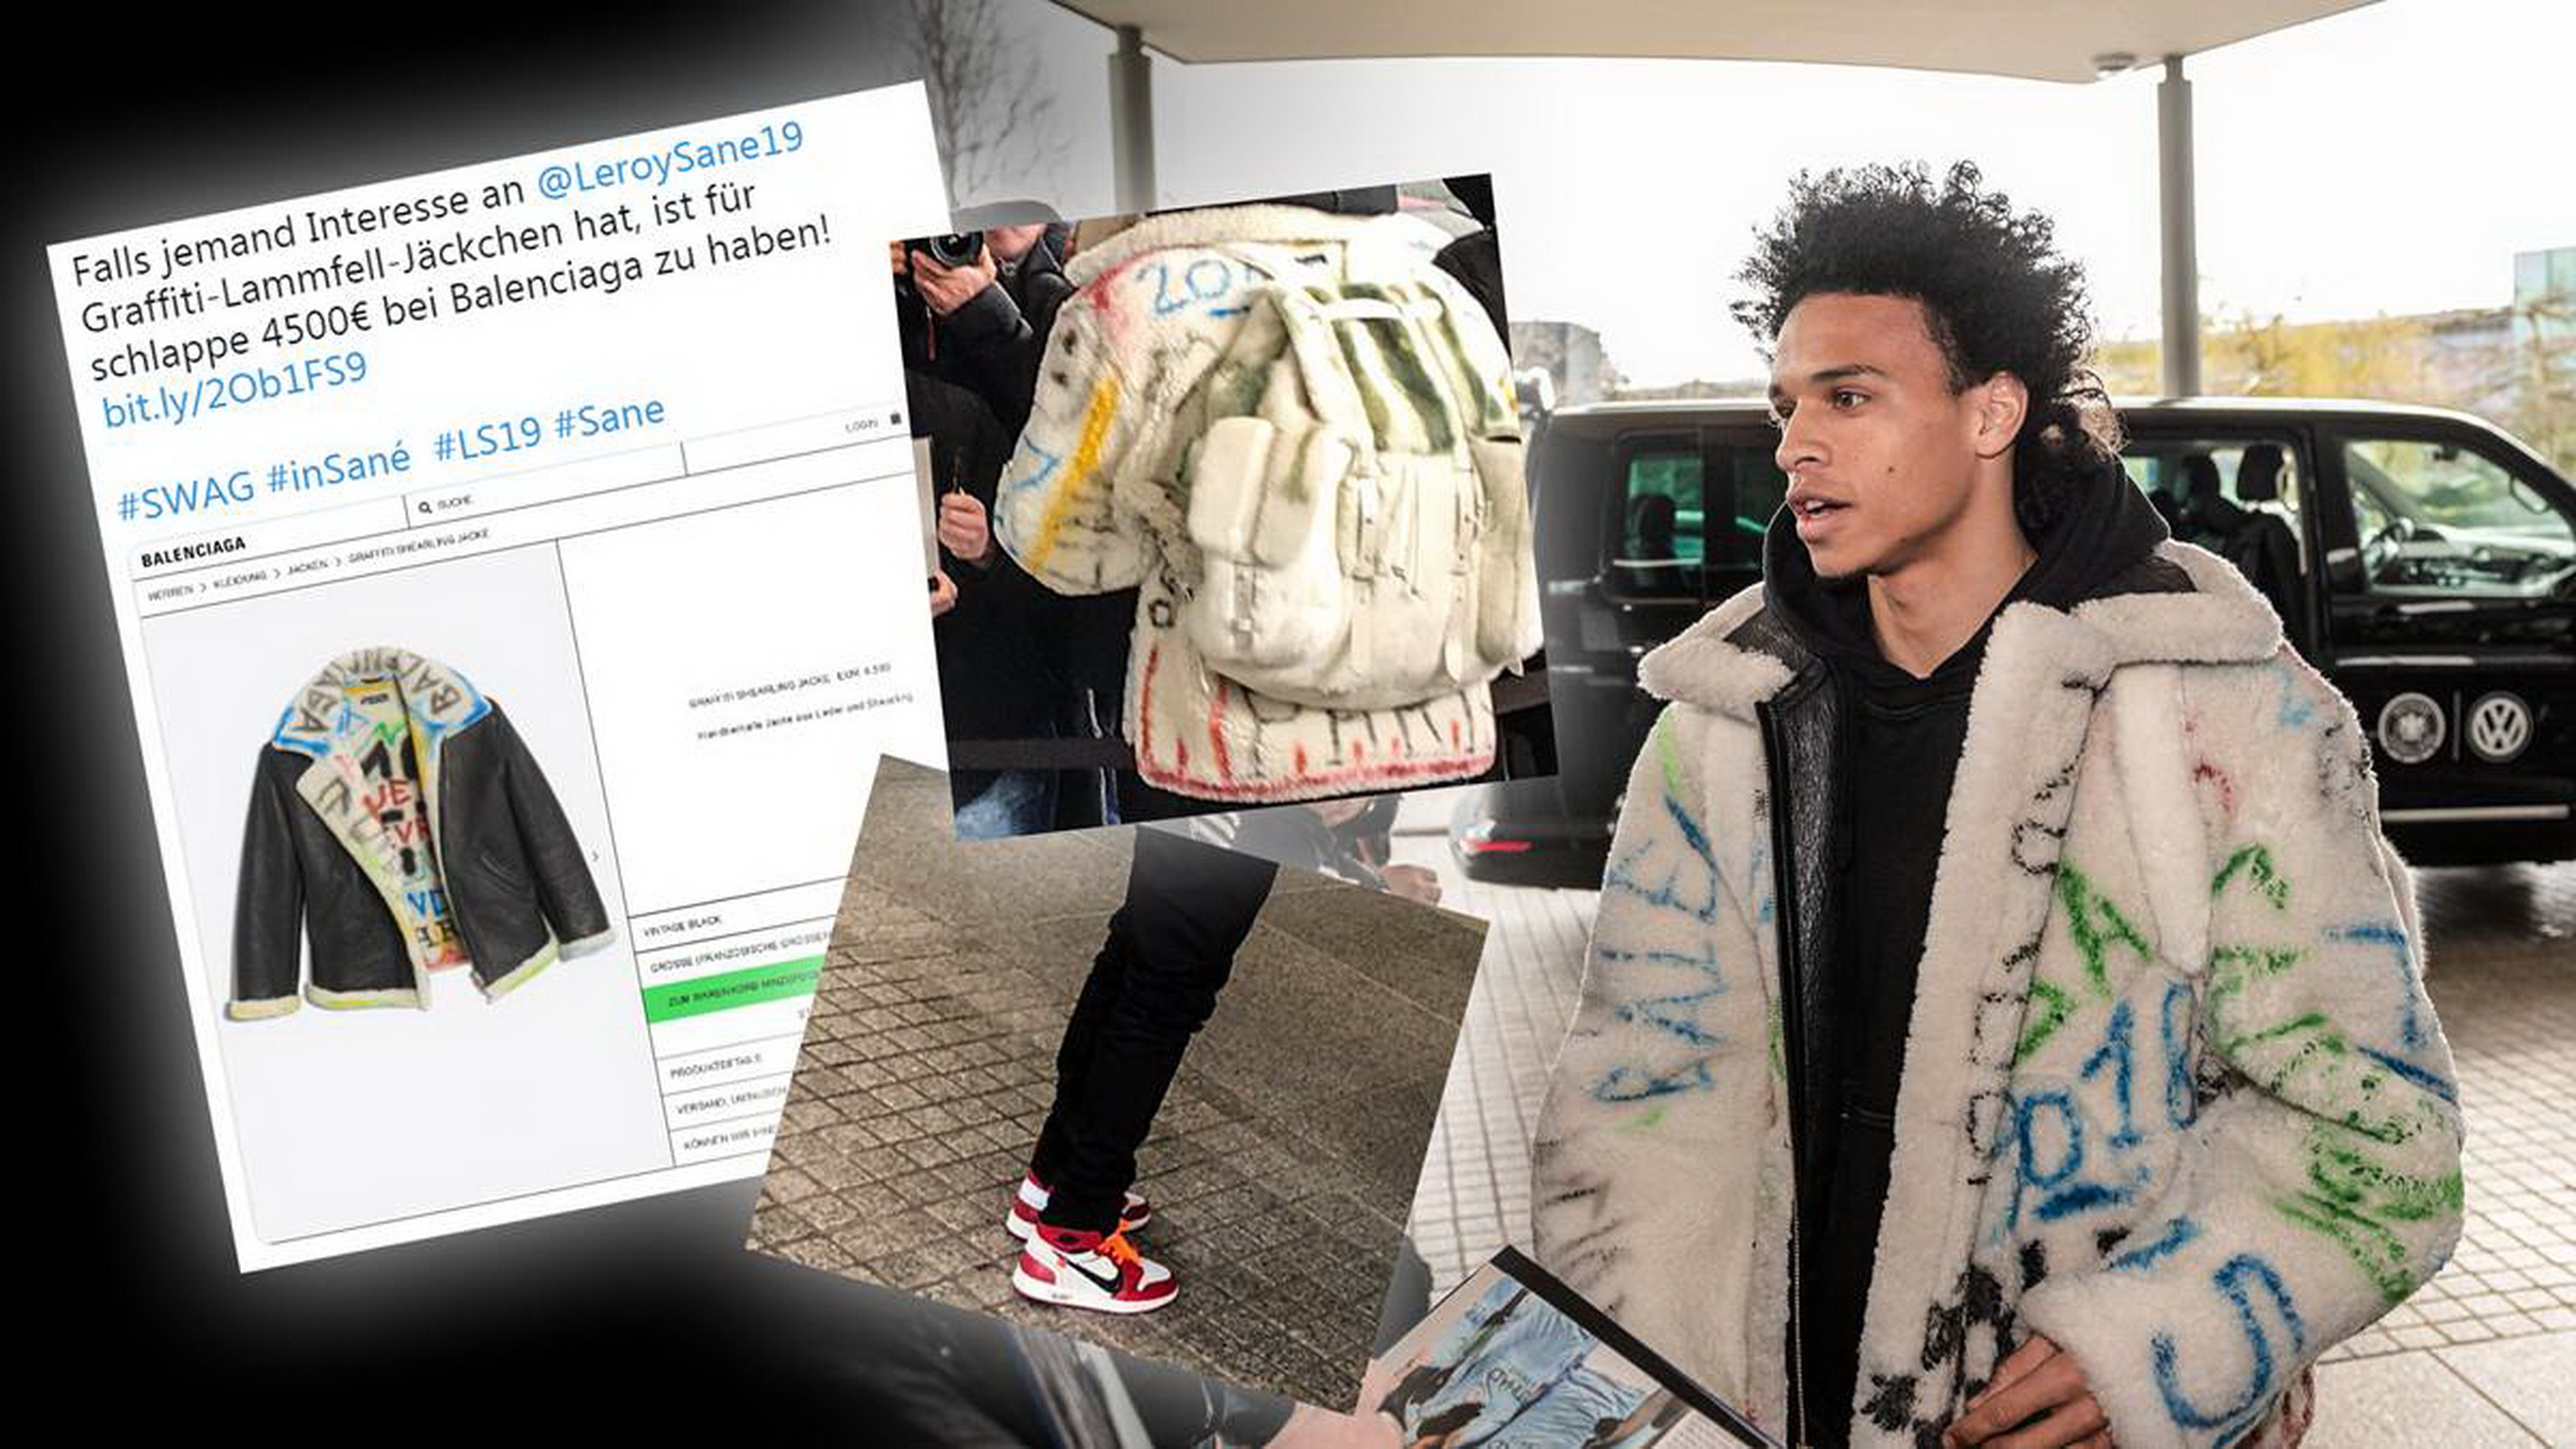 Áo  da lông cừu Balenciaga - Model 'Graffiti Sherling Jacket' giá 4.500 euro.Ba lô Louis-Vuitton Model  'Christopher Backpack GM' giá 18.000 euro - cho thấy độ sành điệu của Sane.